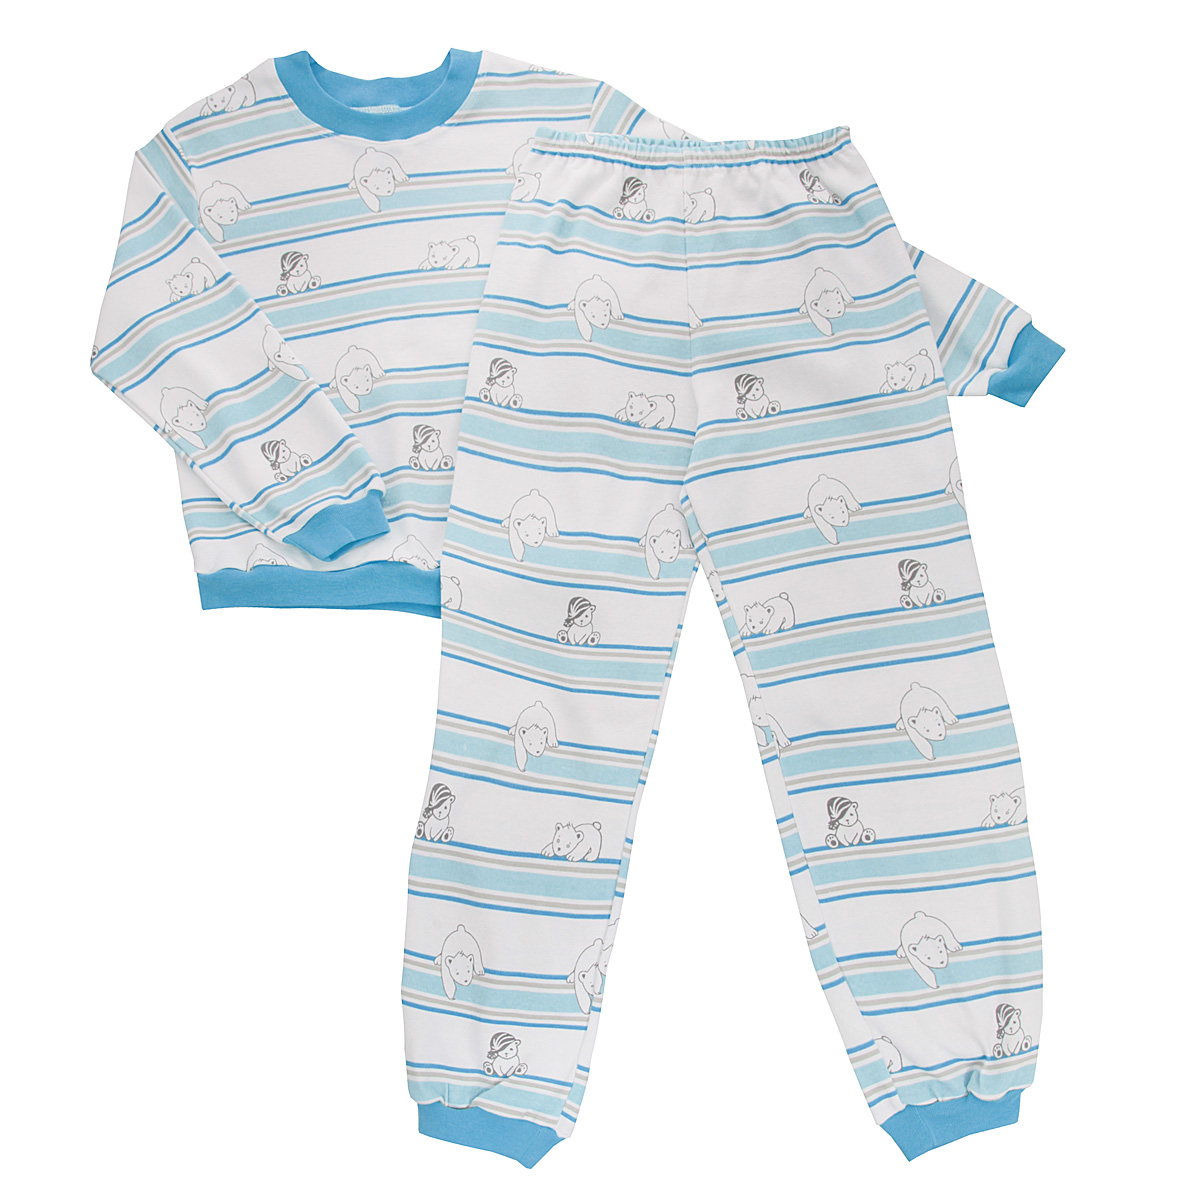 Пижама детская Трон-плюс, цвет: белый, голубой. 5555_мишка. Размер 80/86, 1-2 года5555_мишкаУютная детская пижама Трон-плюс, состоящая из джемпера и брюк, идеально подойдет вашему ребенку и станет отличным дополнением к детскому гардеробу. Изготовленная из интерлока, она необычайно мягкая и легкая, не сковывает движения, позволяет коже дышать и не раздражает даже самую нежную и чувствительную кожу ребенка. Трикотажный джемпер с длинными рукавами имеет круглый вырез горловины. Низ изделия, рукава и вырез горловины дополнены эластичной трикотажной резинкой контрастного цвета.Брюки на талии имеют эластичную резинку, благодаря чему не сдавливают живот ребенка и не сползают. Низ брючин дополнен широкими эластичными манжетами контрастного цвета.Оформлено изделие оригинальным принтом с изображением белых мишек и цветных полос. В такой пижаме ваш ребенок будет чувствовать себя комфортно и уютно во время сна.